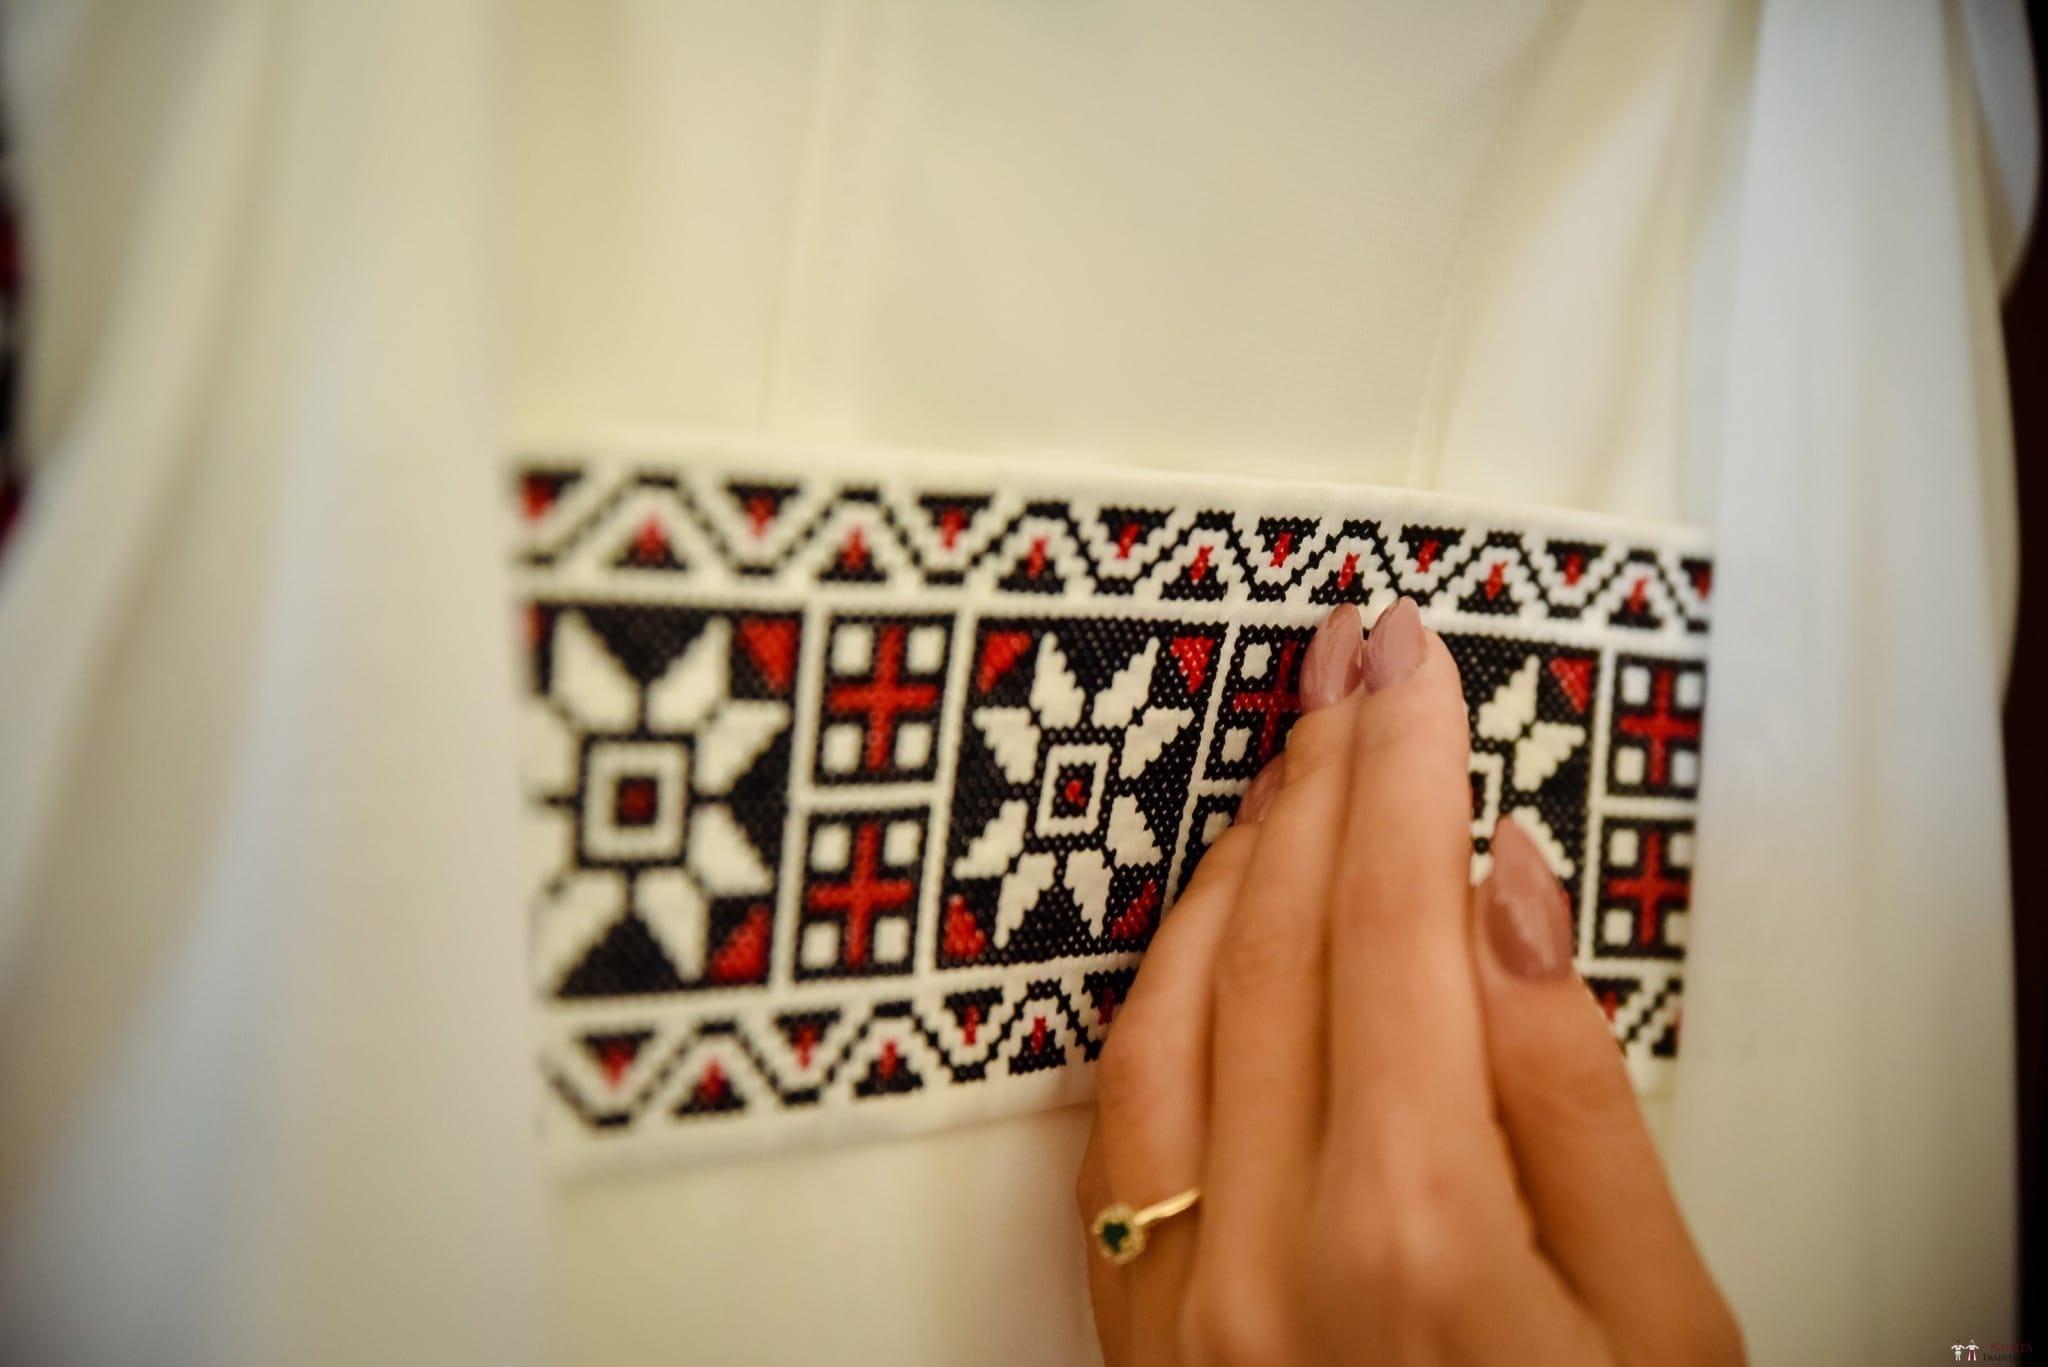 Povești Nunți Tradiționale - Georgiana și Andrei, nuntă tradițională în Iași 2